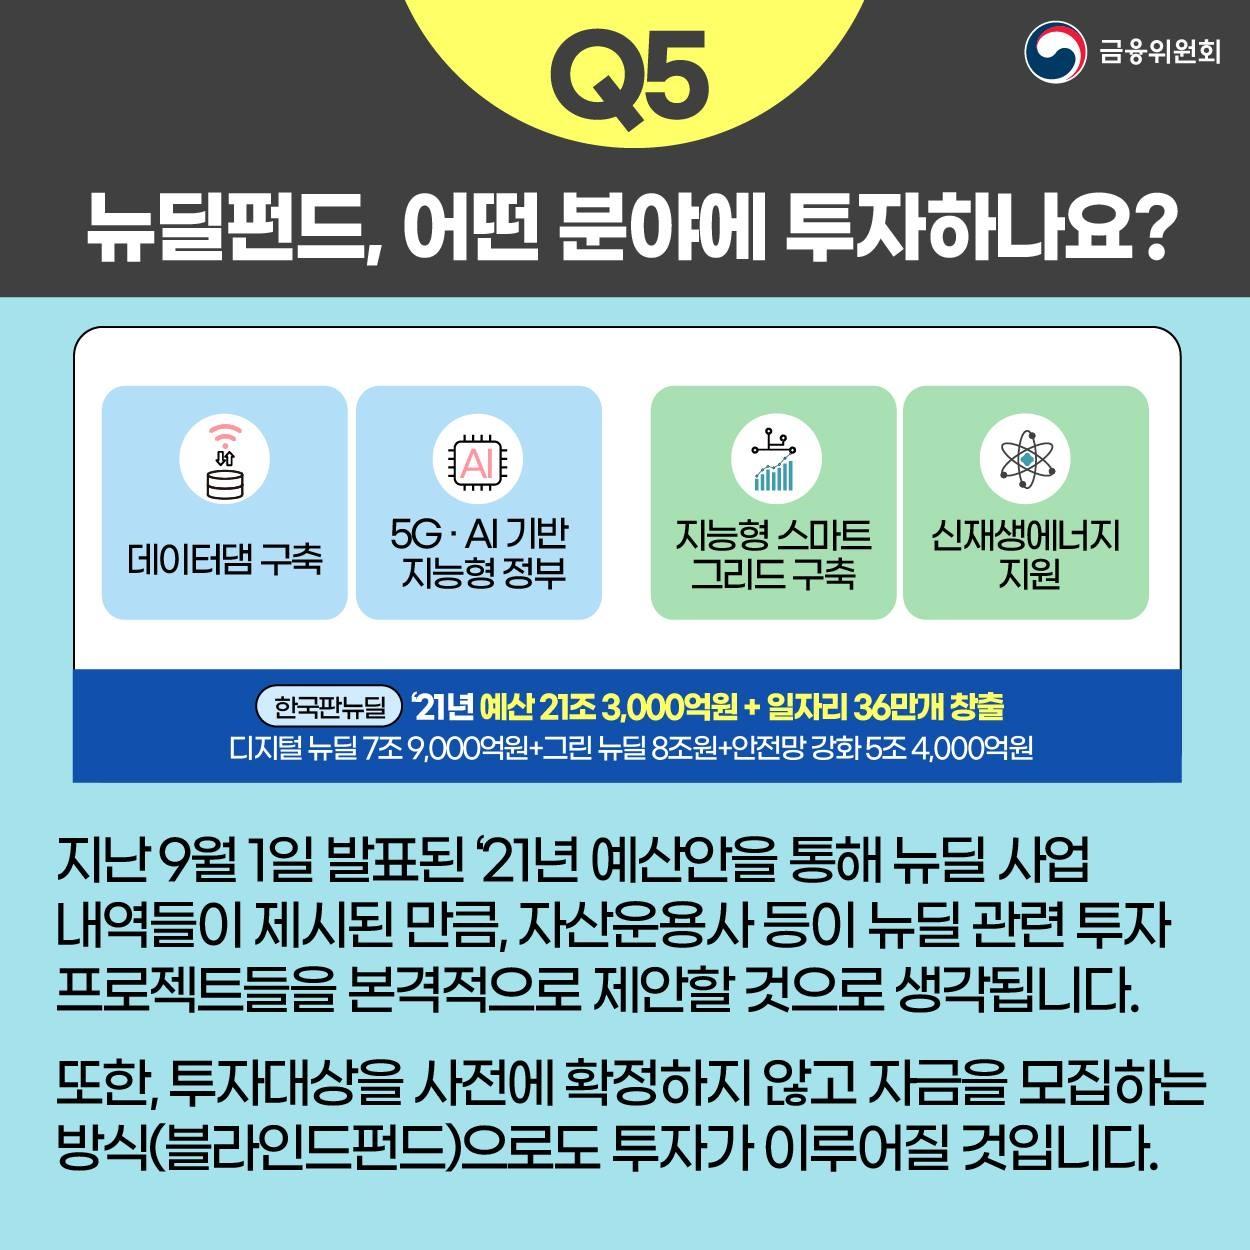 [Q&A] 뉴딜펀드에 관한 궁금증 7가지